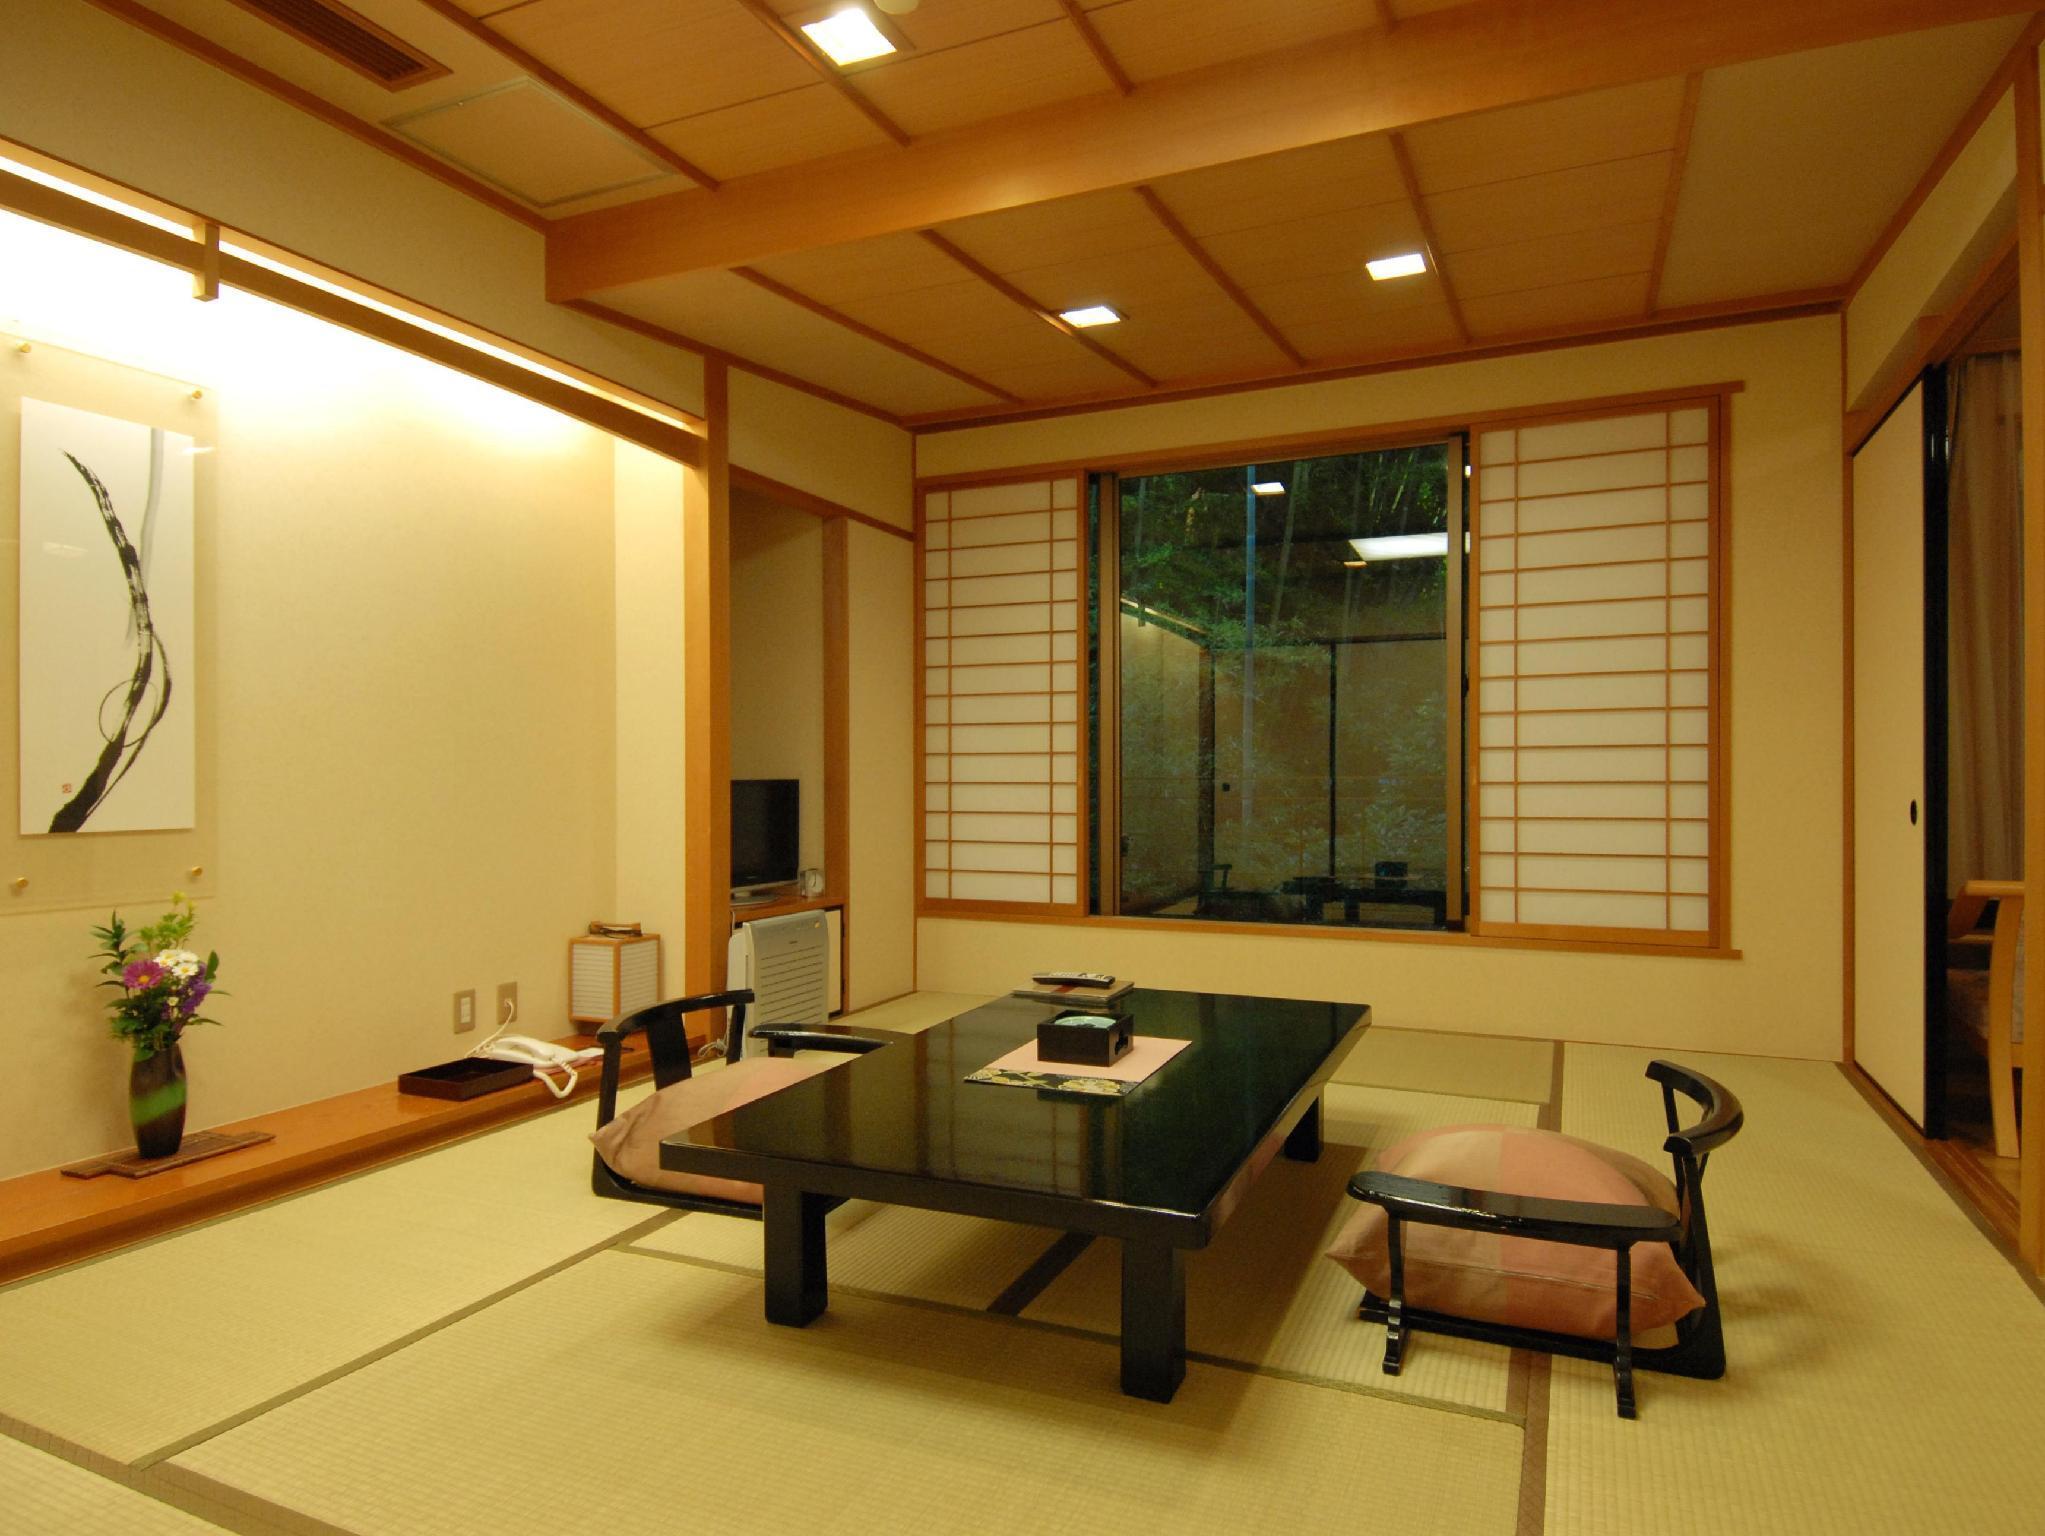 Image result for 有馬溫泉竹取亭円山酒店 booking.com